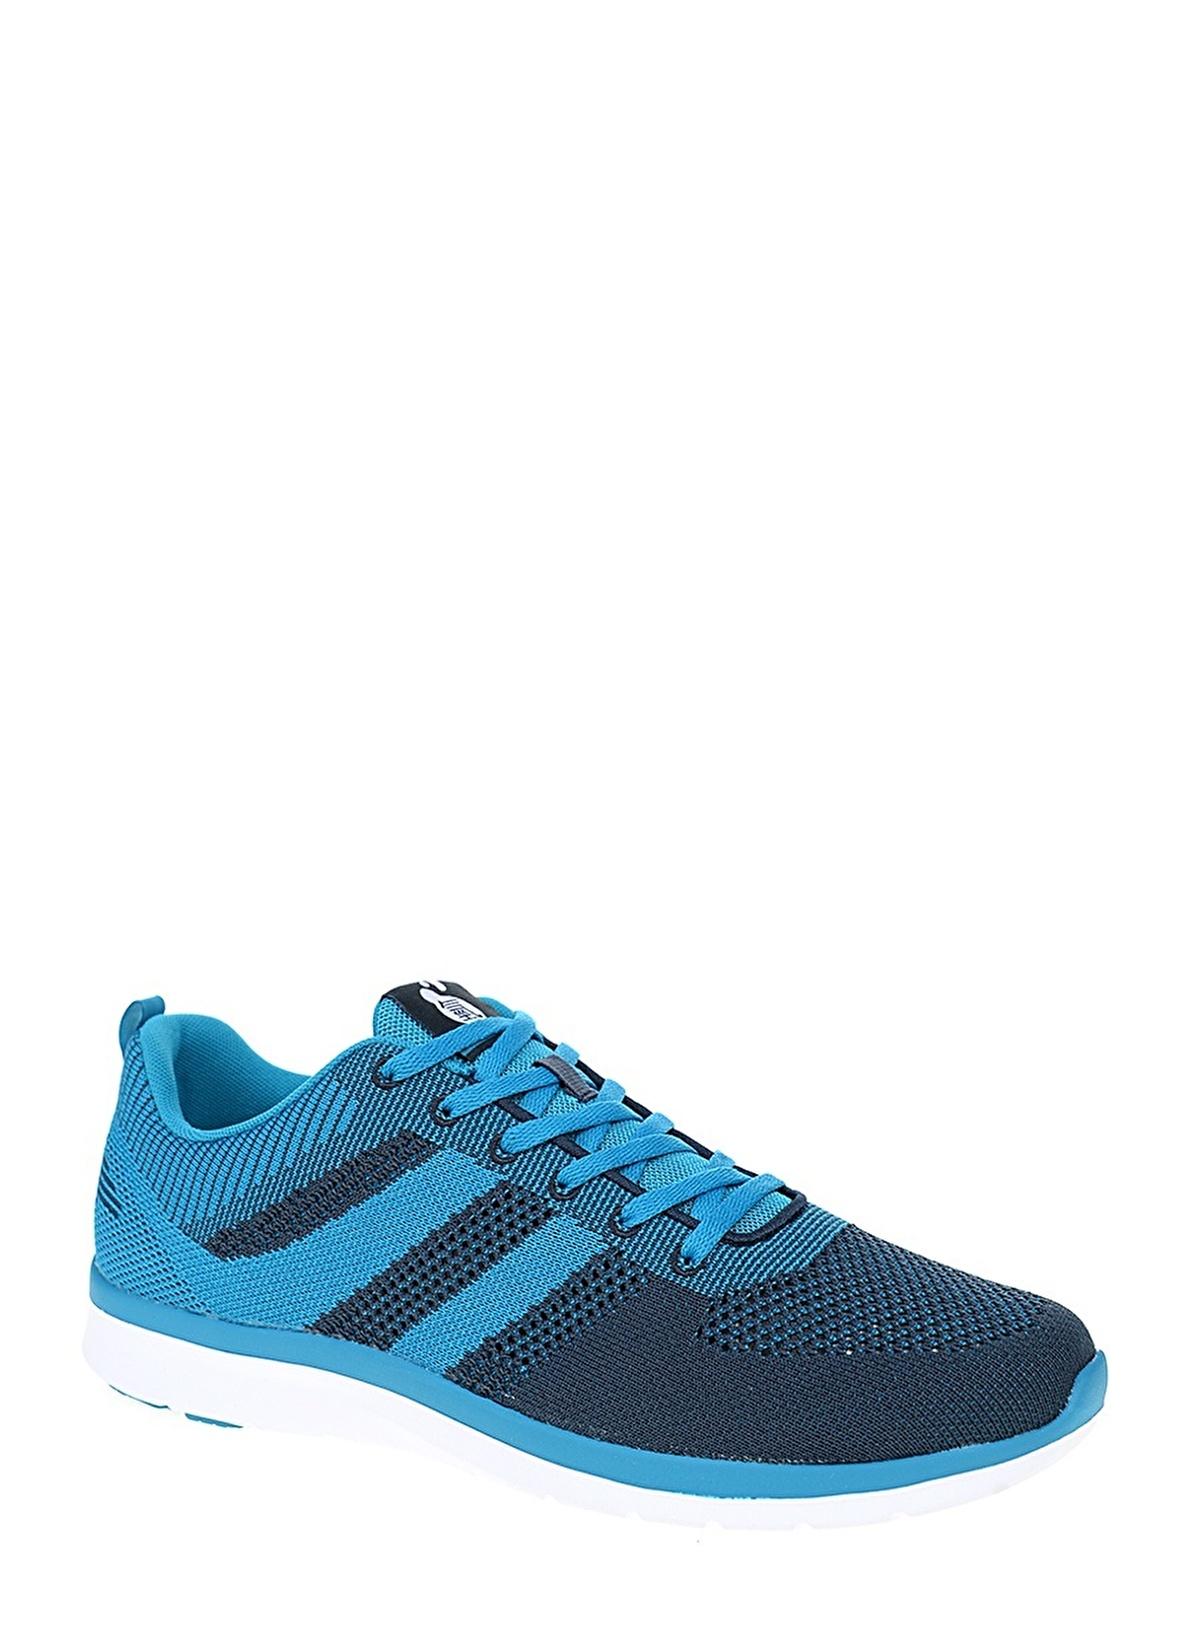 Anta: Spor ve gündelik hayat için spor ayakkabısı